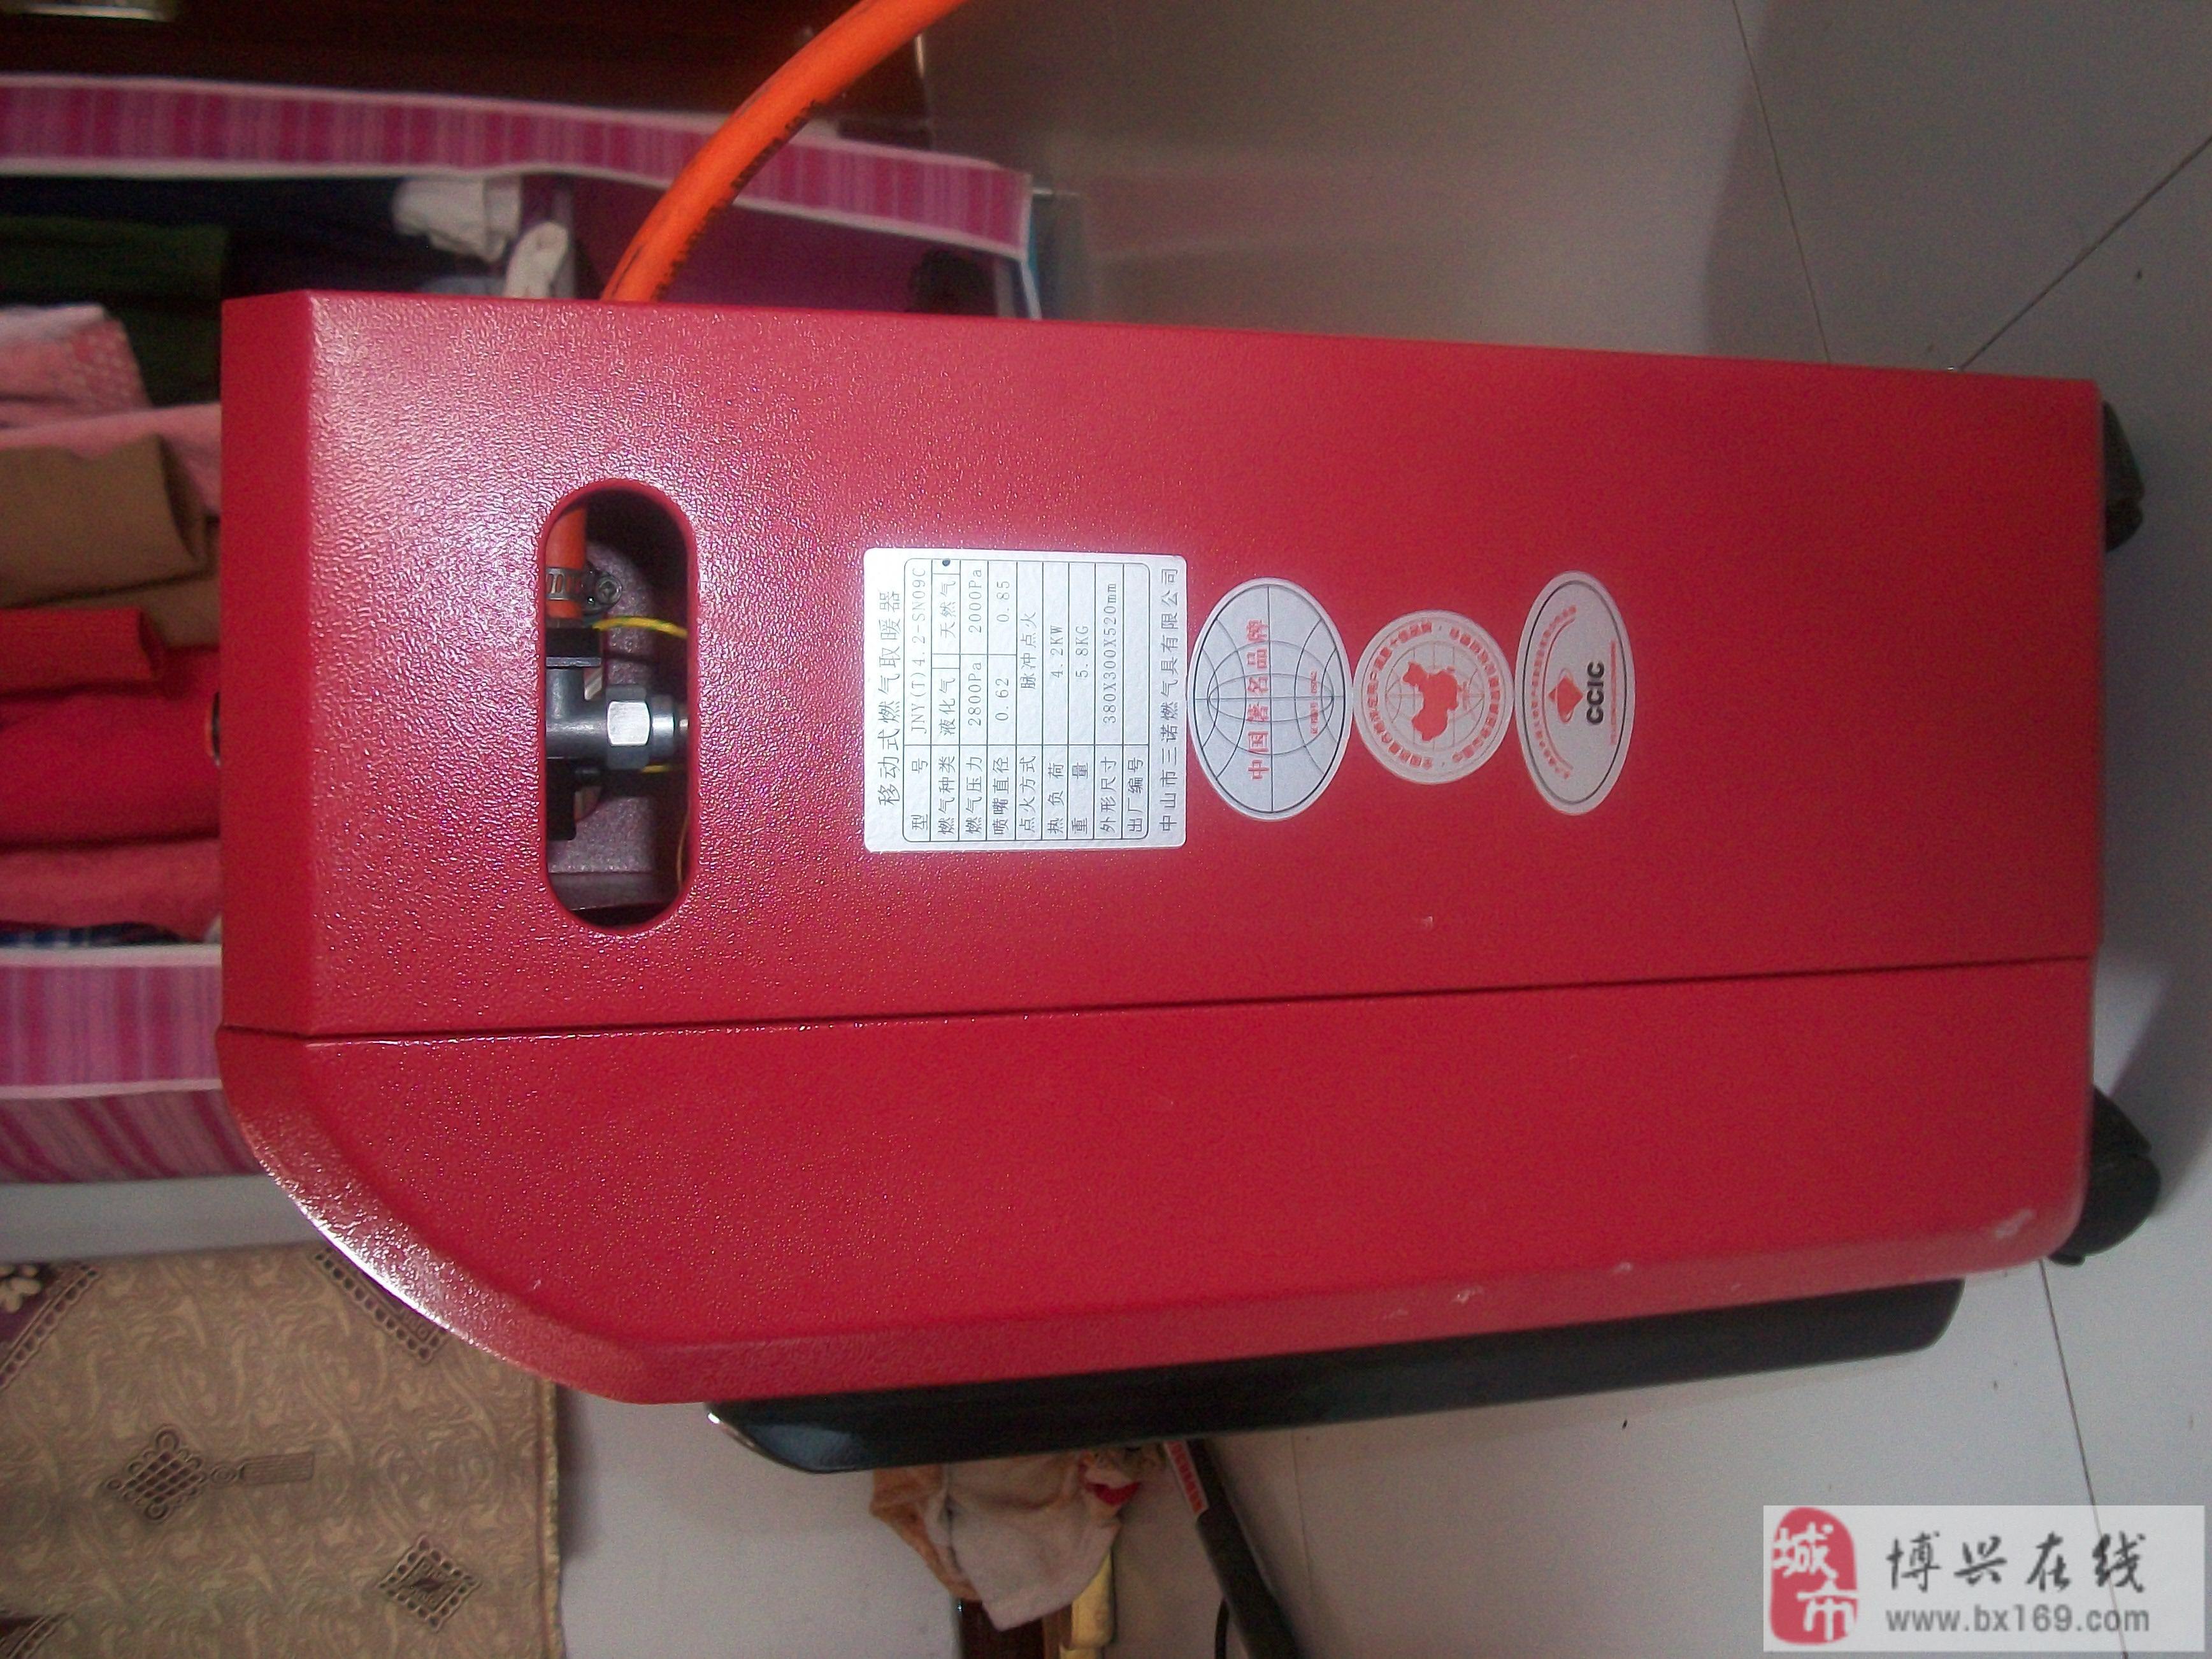 三诺牌天然气取暖炉,新的买时360元,刚用了一个冬天两个月,九成九新,电打火的,现在换房子住用不着了,现260元便宜卖了,另送十米软管,牌子是美的的,买时五元一米,现在免费送。有意者请来电。 联系我时请说明是在博兴在线看到的 同城交易请当面进行,以免造成损失。外地交易信息或者超低价商品请慎重,谨防上当受骗。